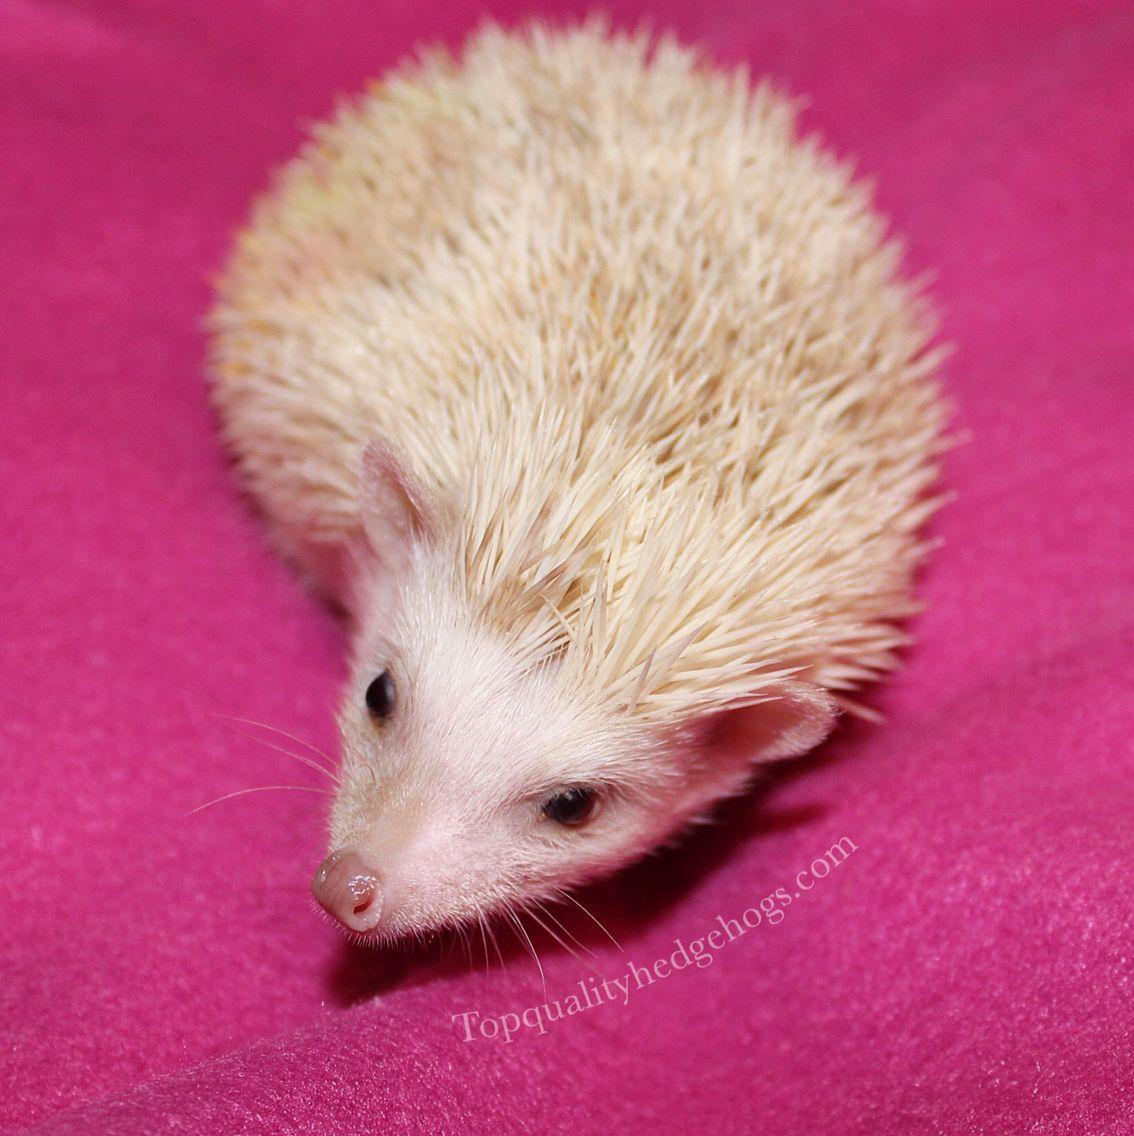 Firework, a Top Quality Hedgehog.